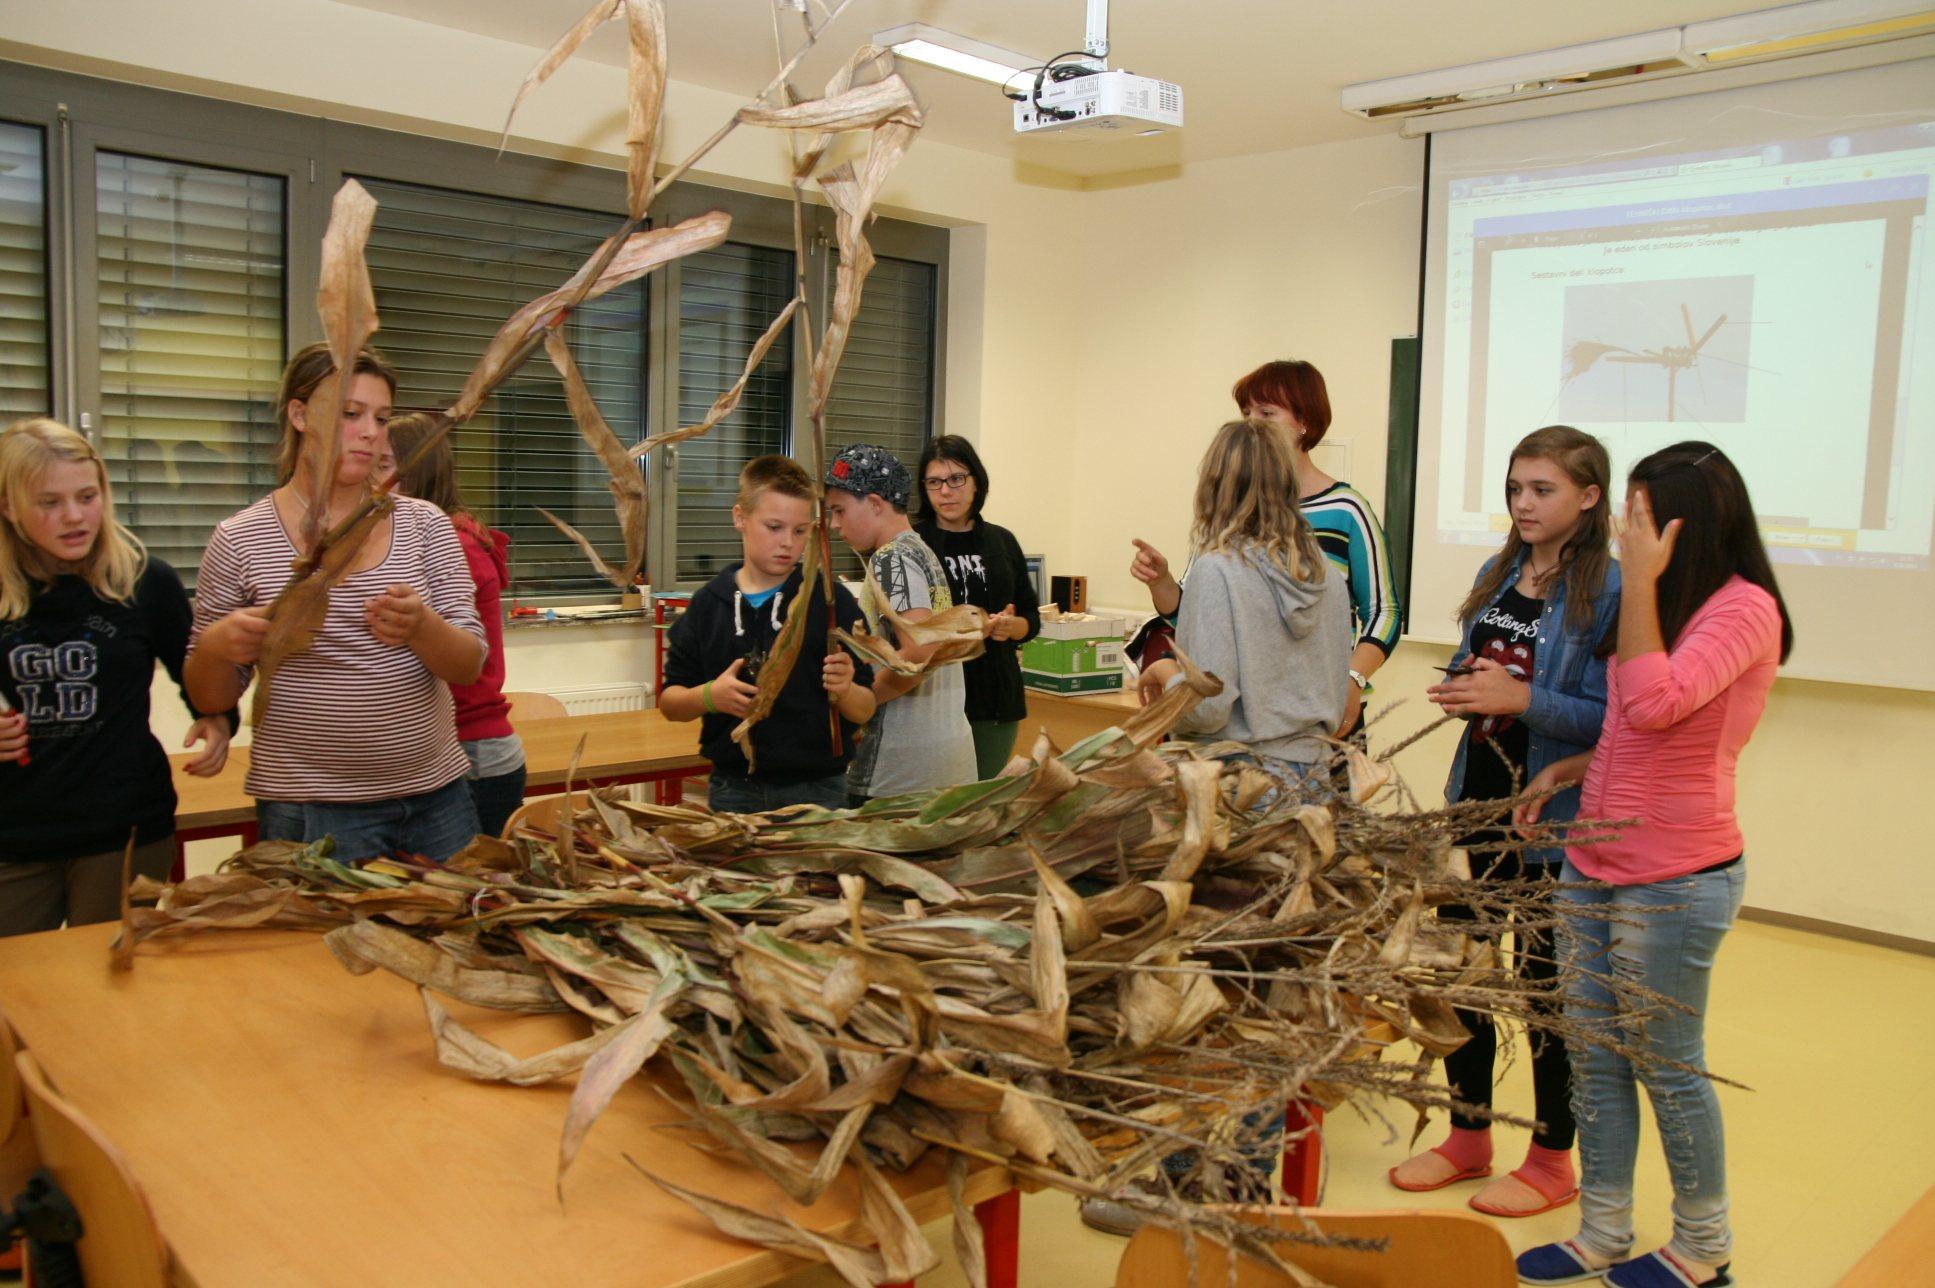 Gostje iz Preddvora so iz koruznega ličja izdelovali klopotce.